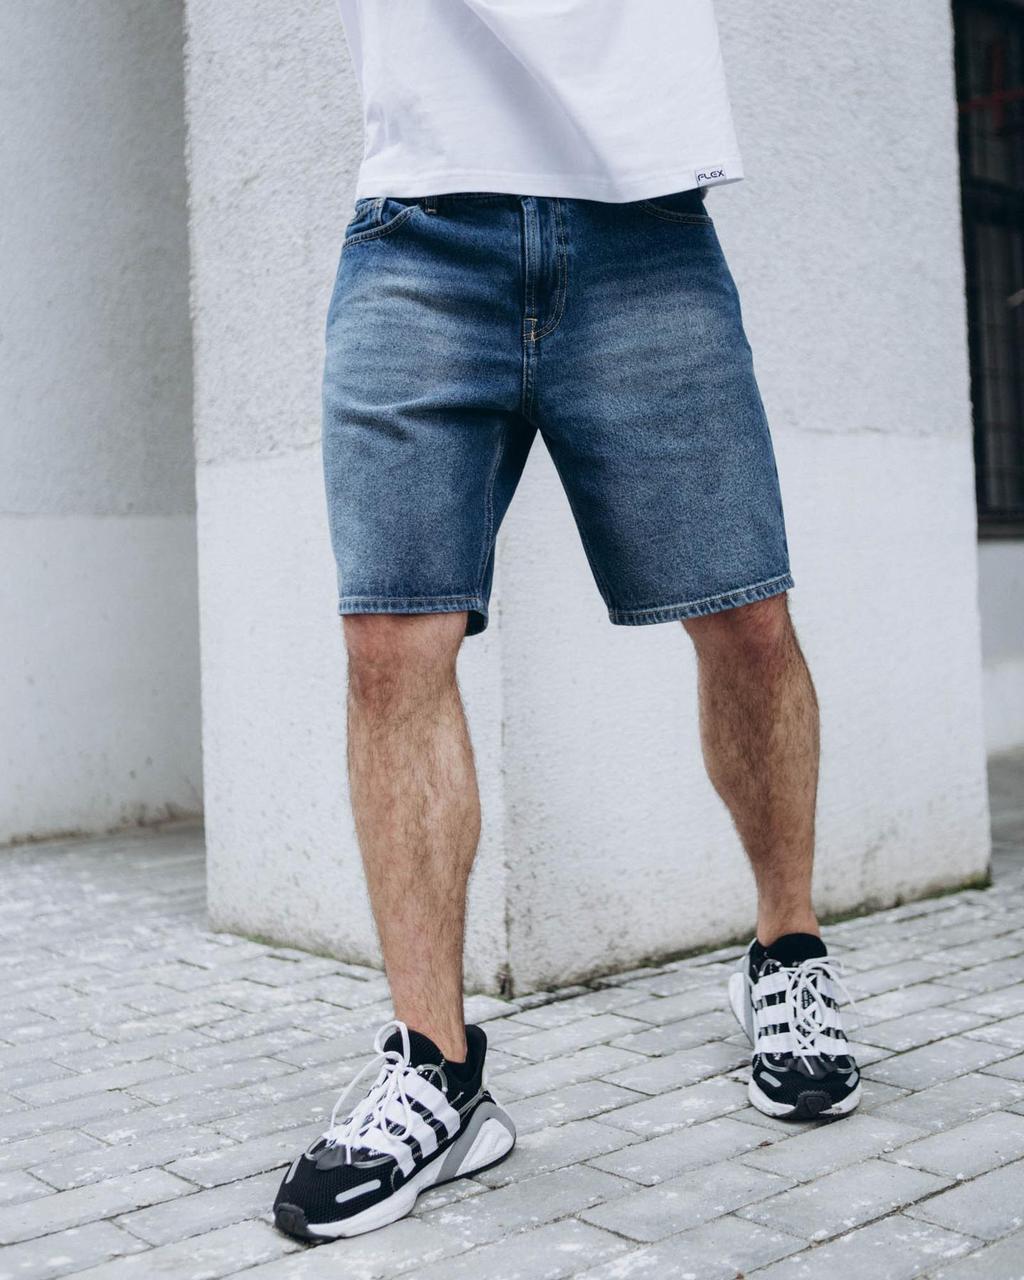 Джинсові шорти блакитні Денім чоловічі джинсові бриджі сині